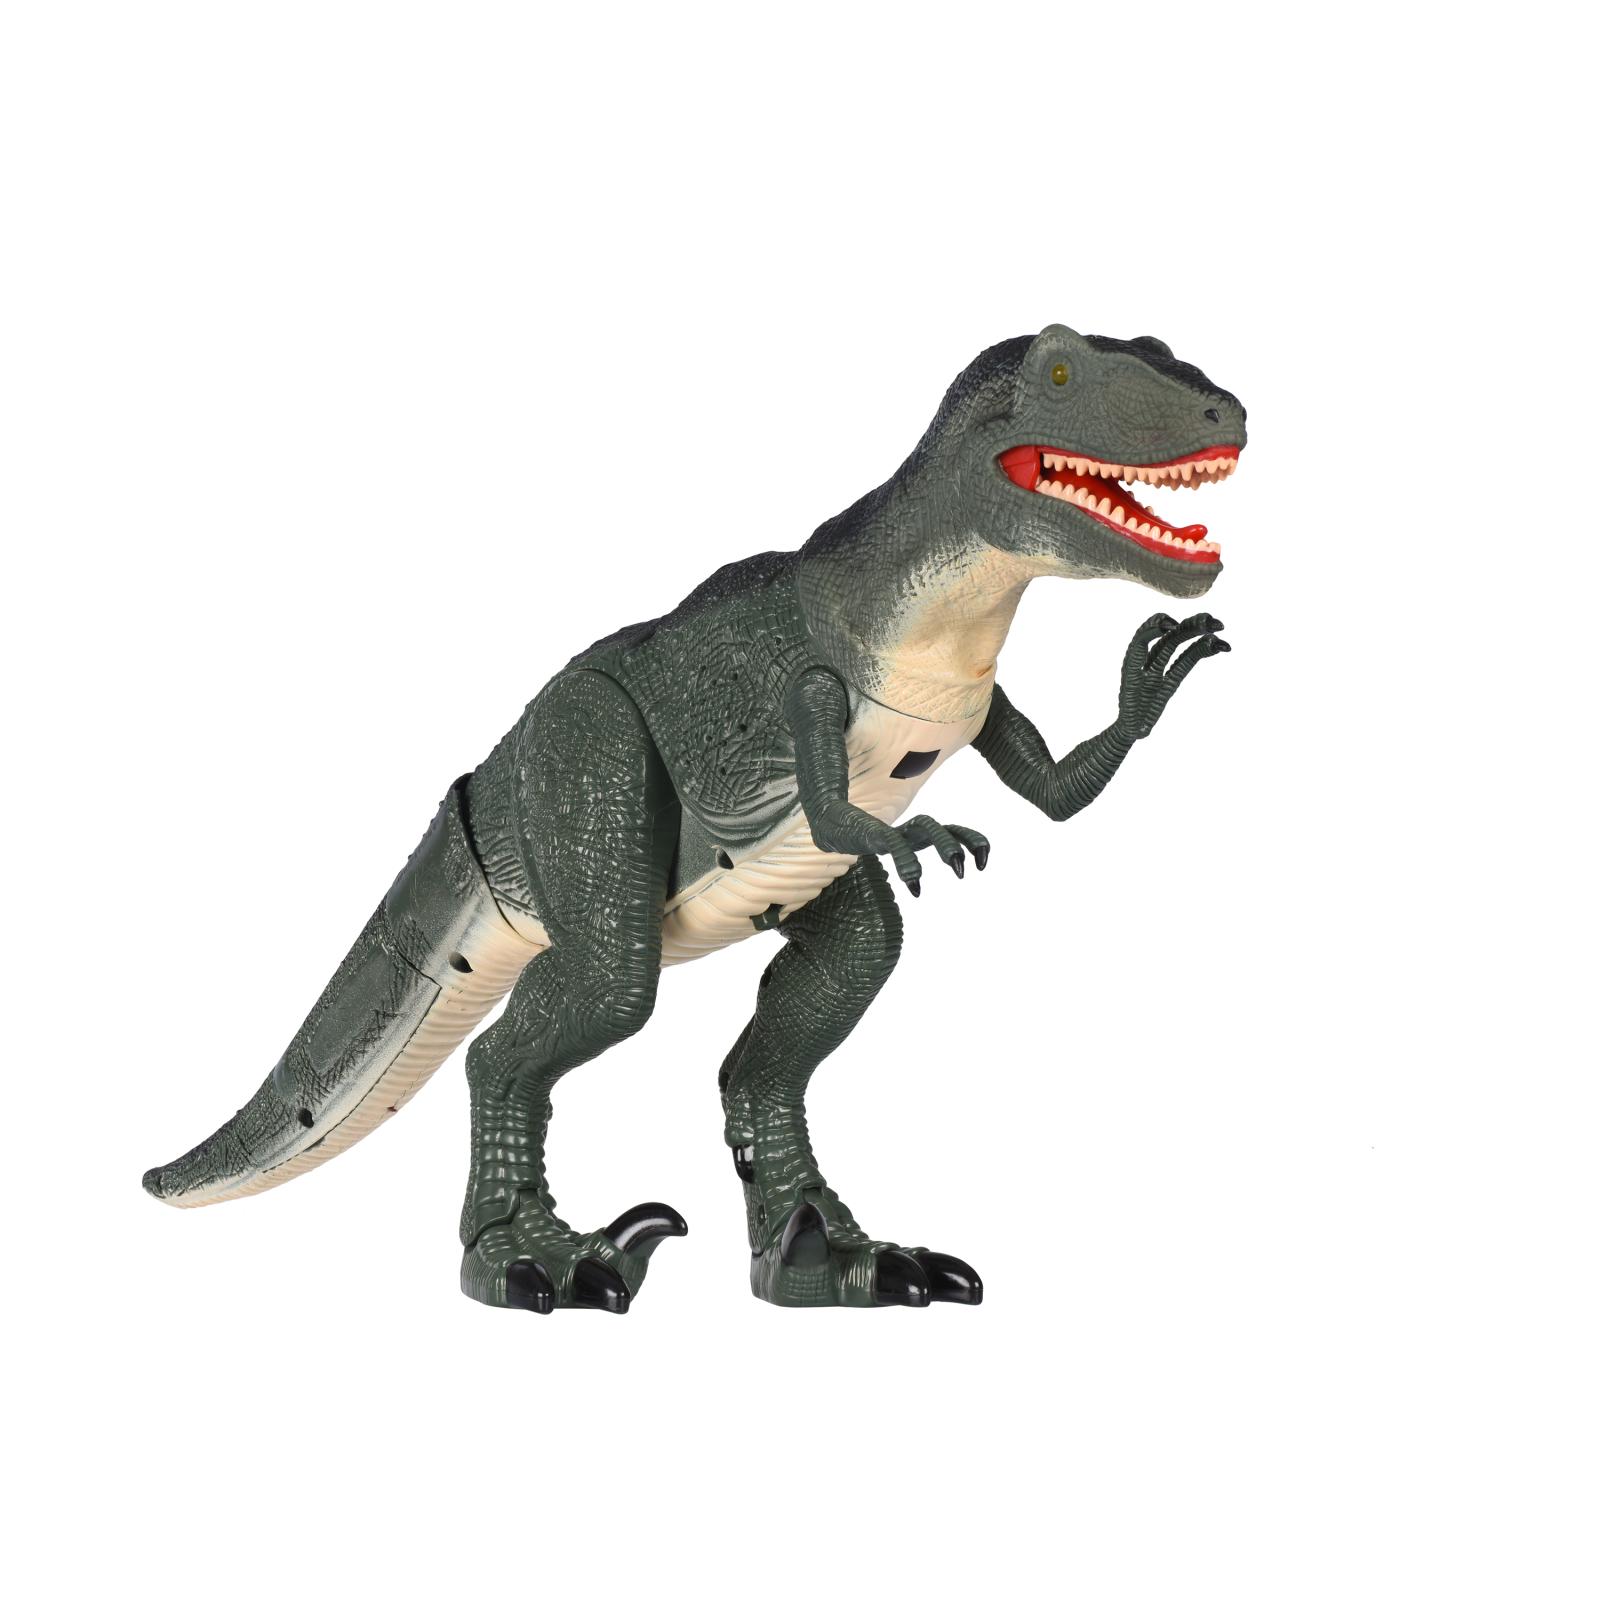 Интерактивная игрушка Same Toy Динозавр Dinosaur Planet серый со светом и звуком (RS6134Ut) изображение 4